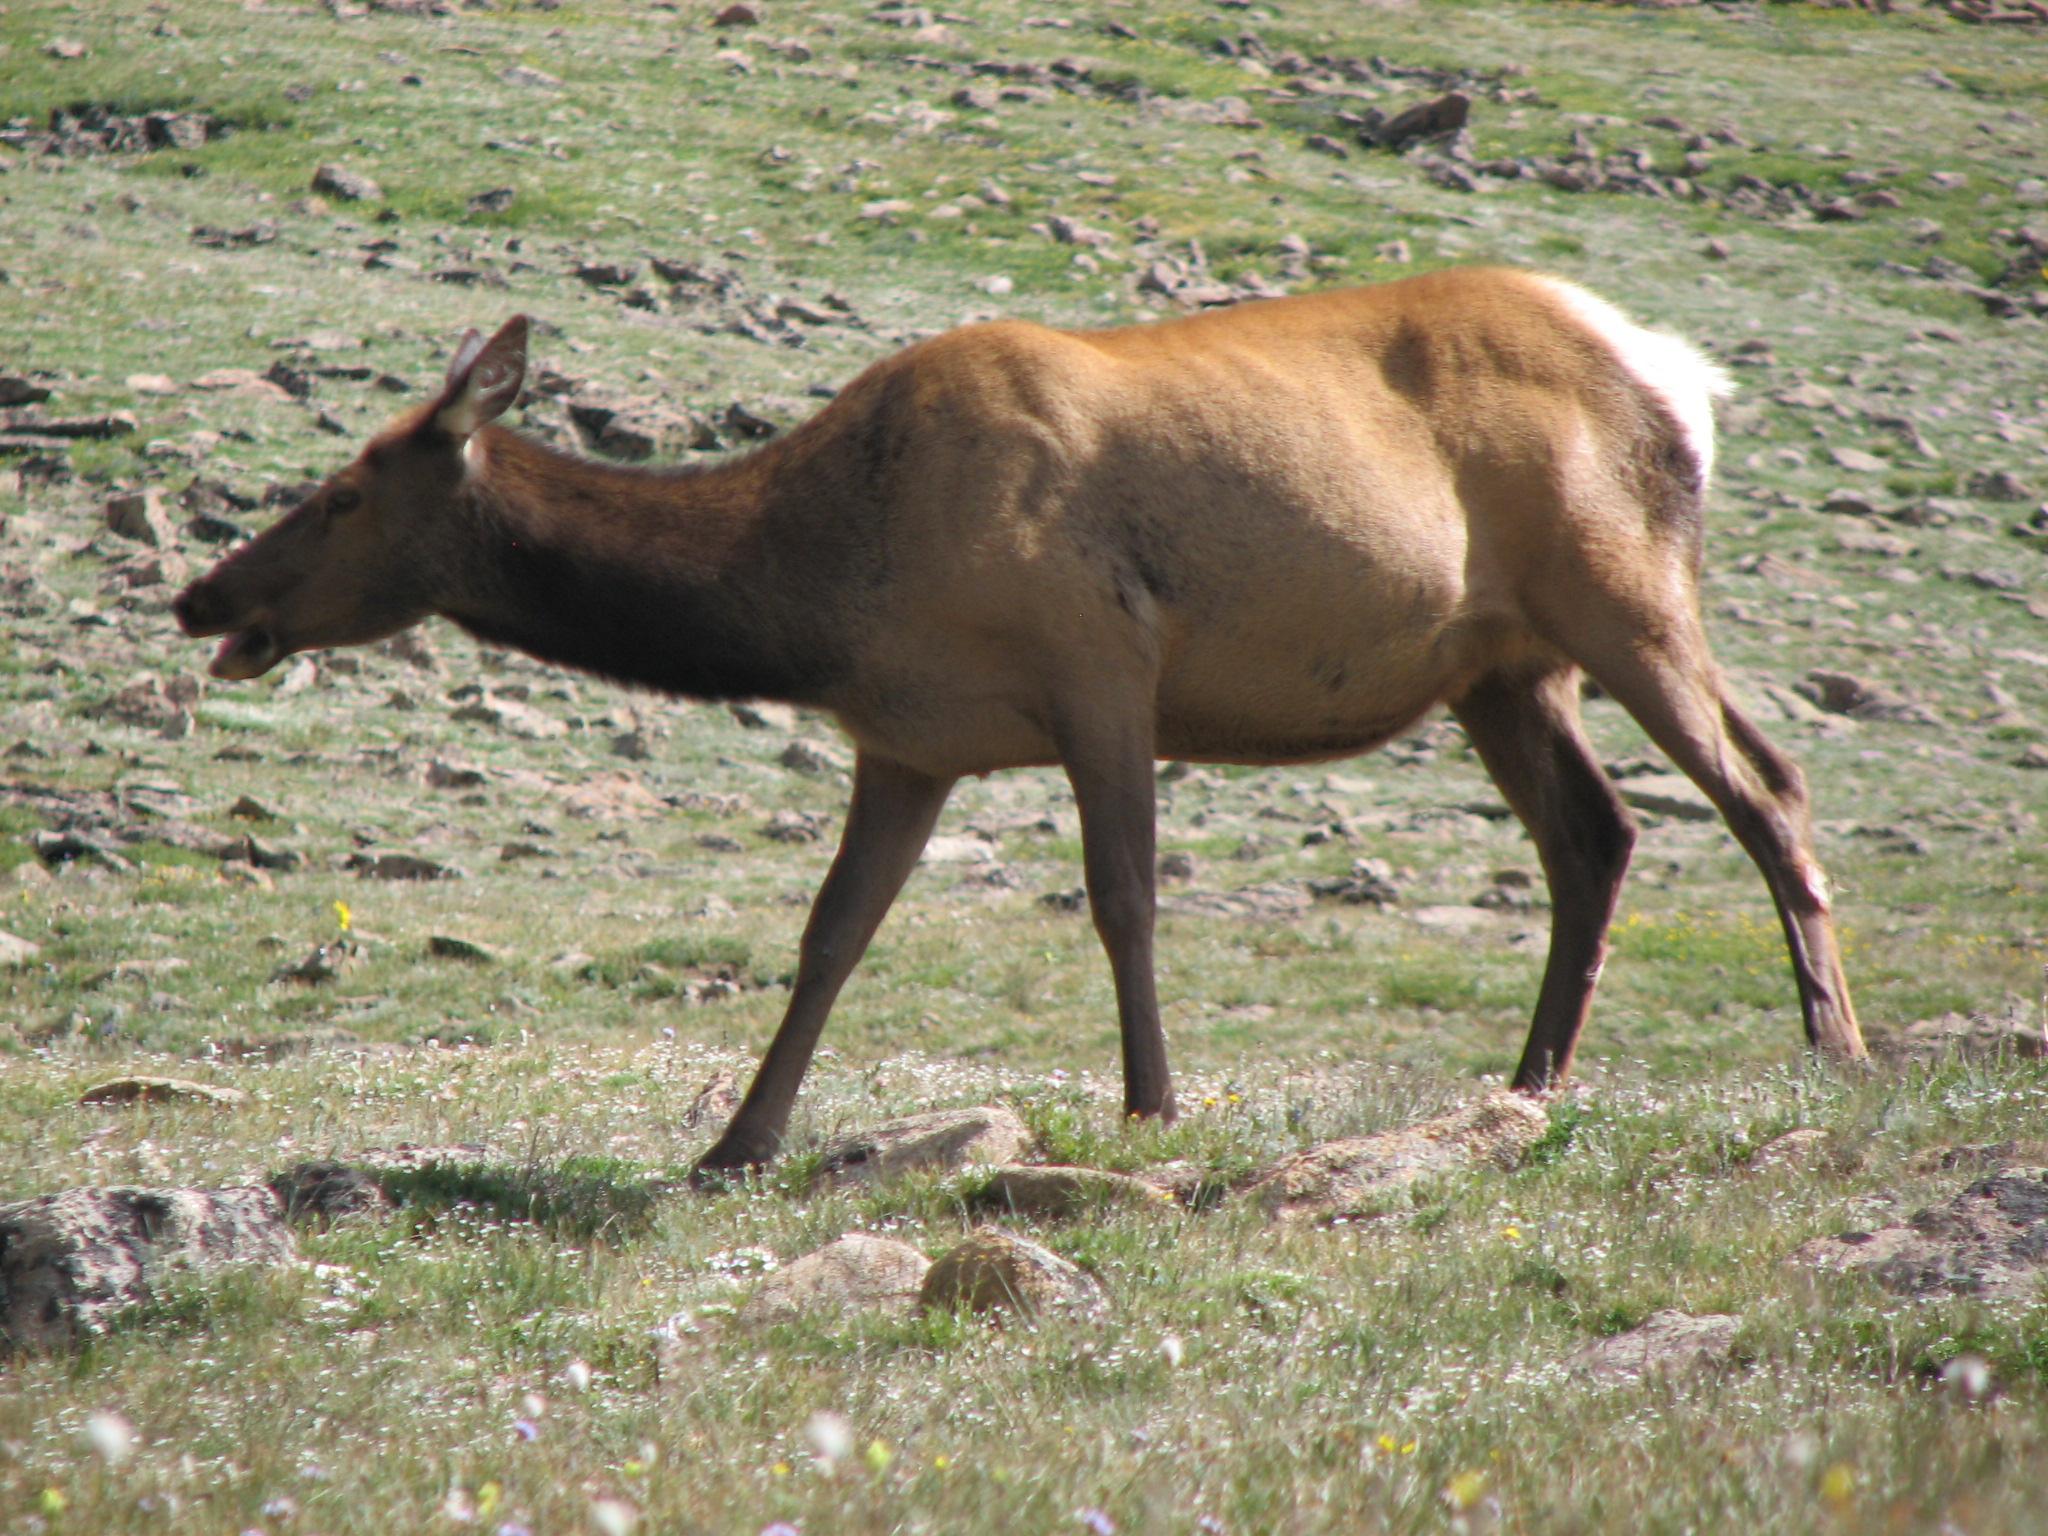 Cervus_canadensis_(North_American_elk)_9_(8290359165).jpg